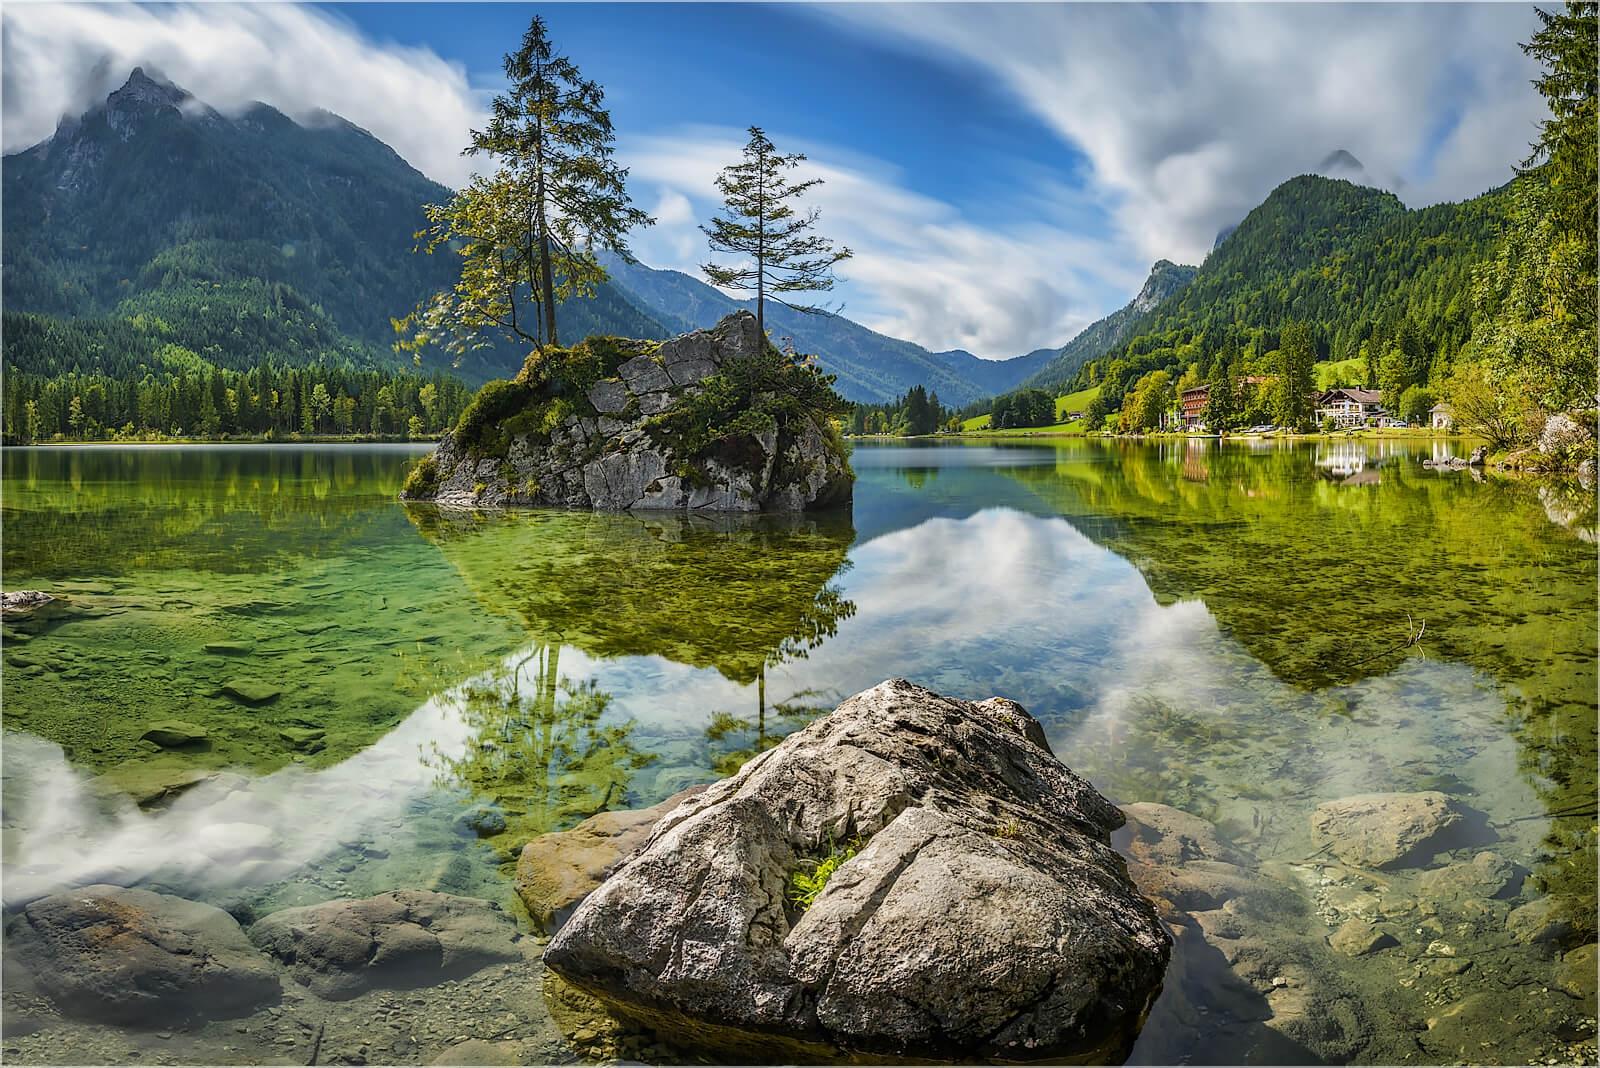 Wanddeko Am  Hintersee Berchtesgaden